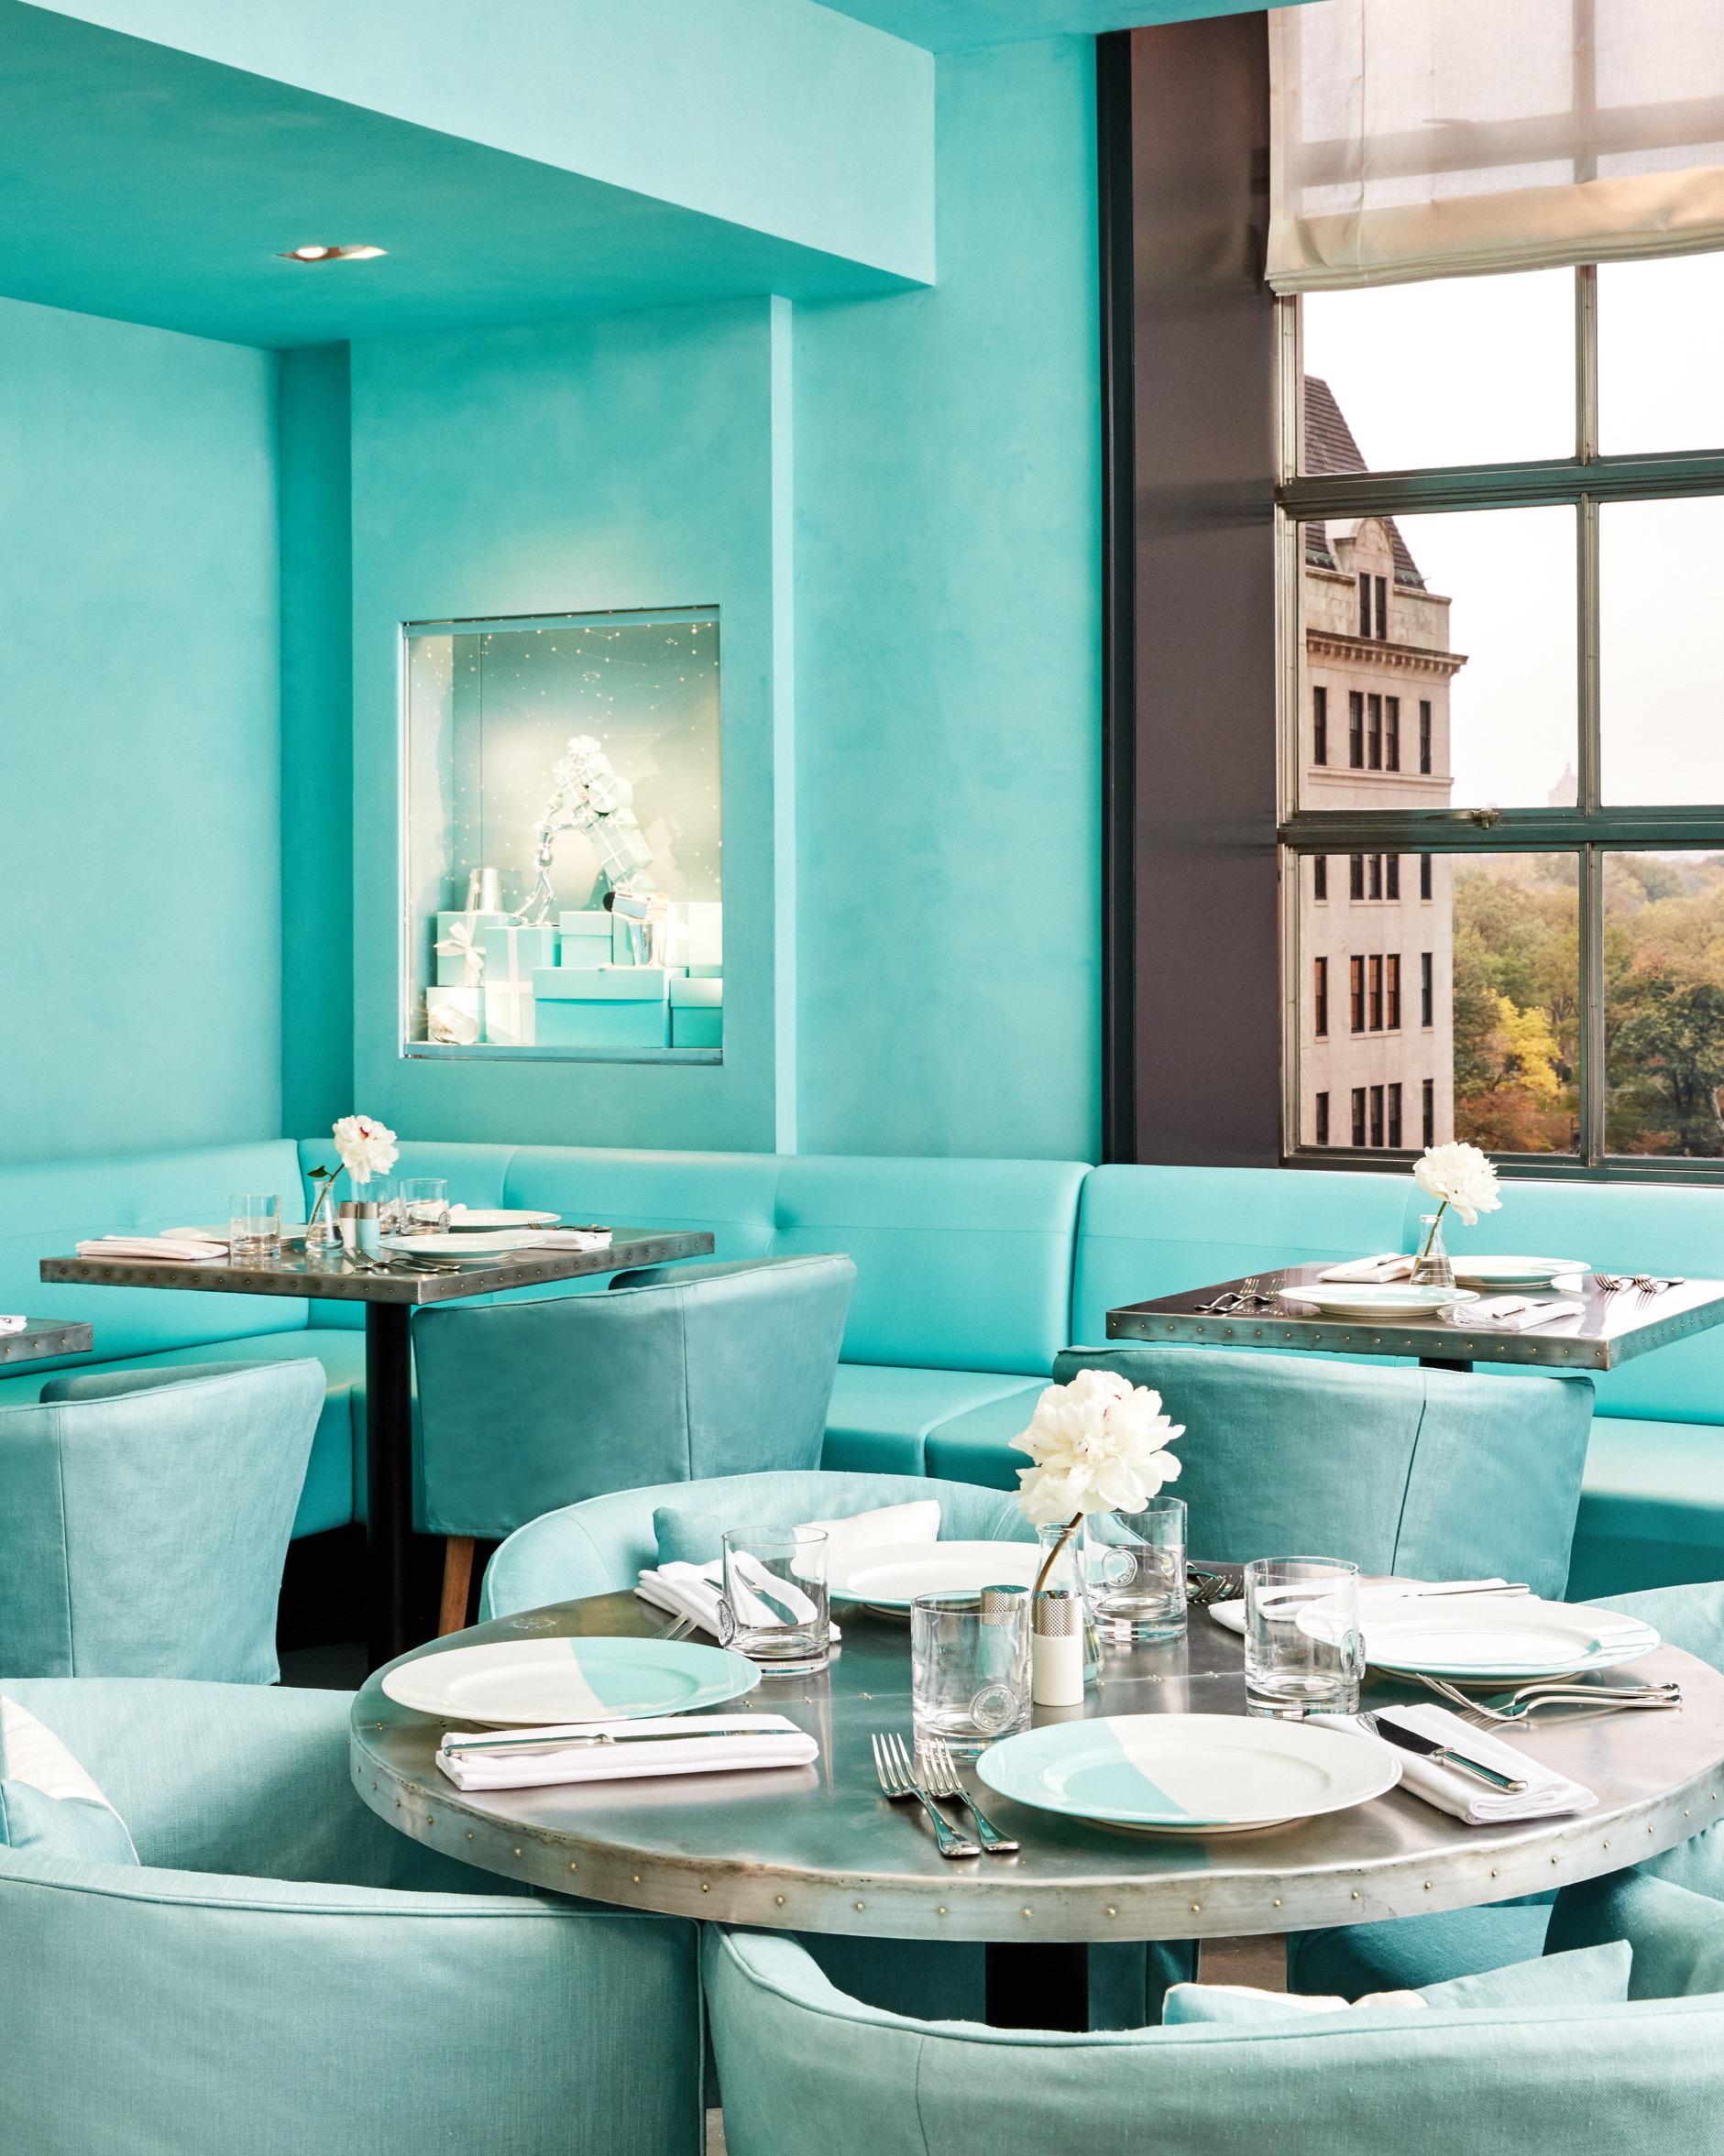 Tiffany & Co. Blue Box Cafe 3